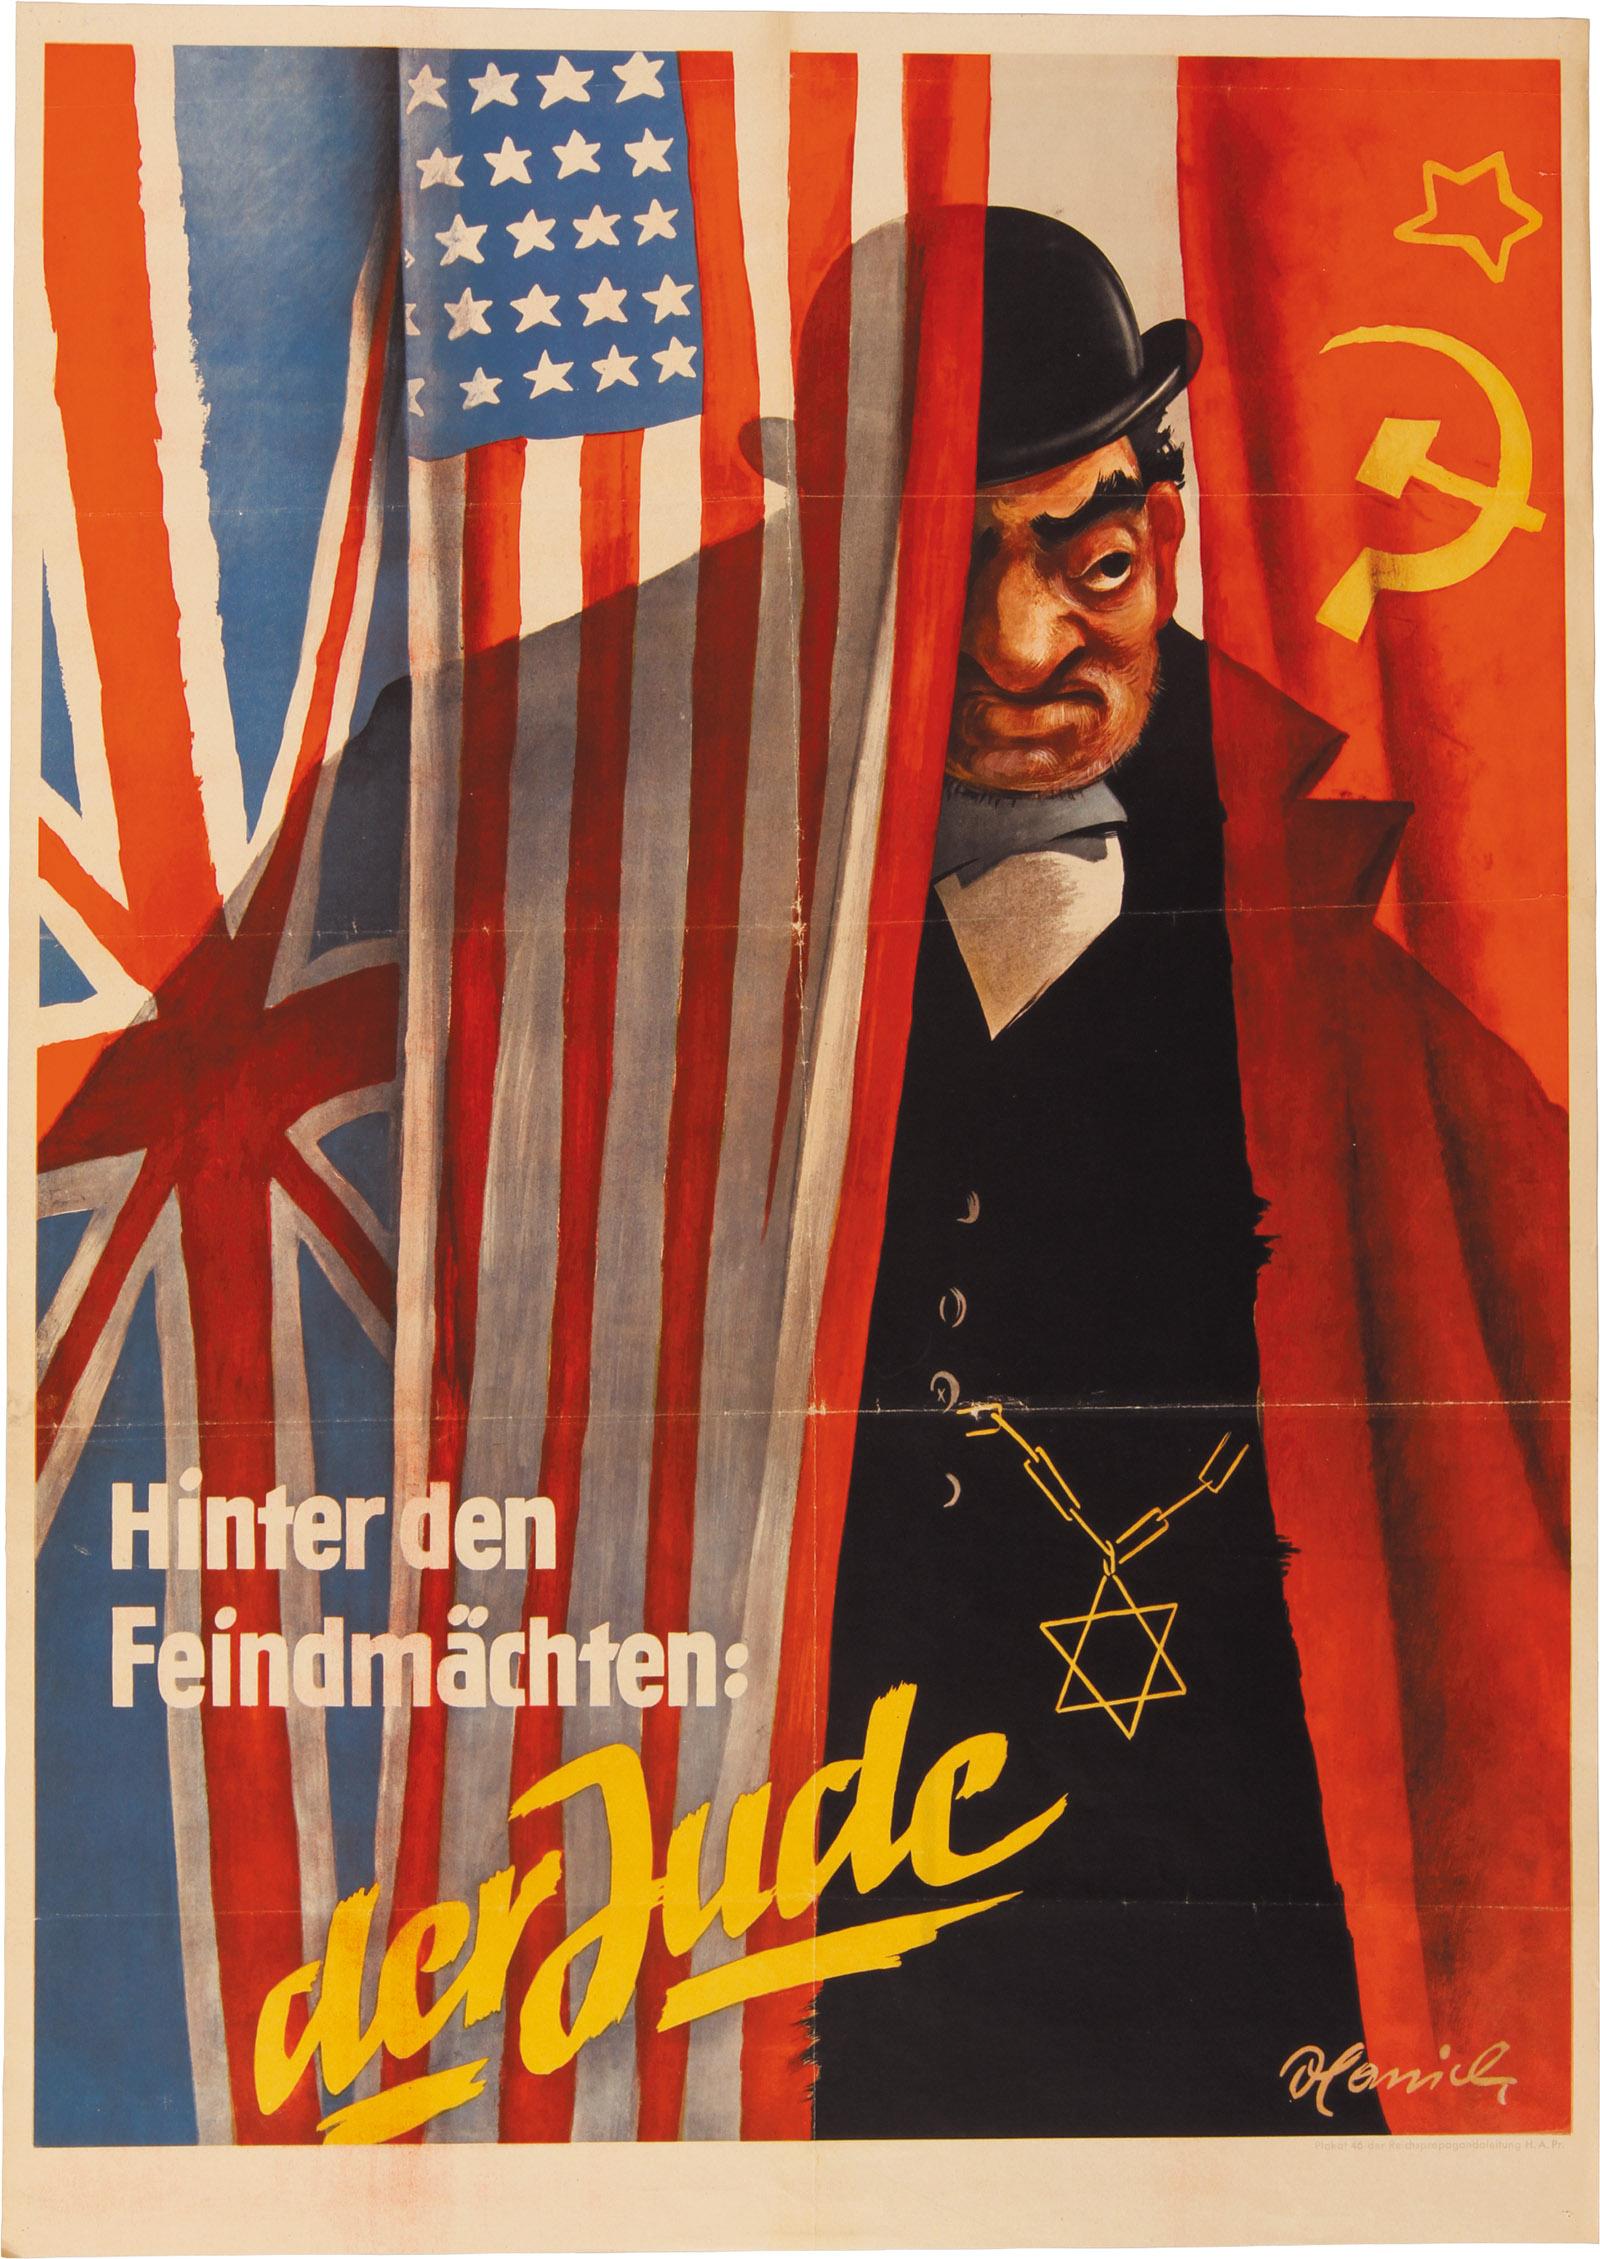 Caricatura nazi clásica del judío como capitalista y comunista